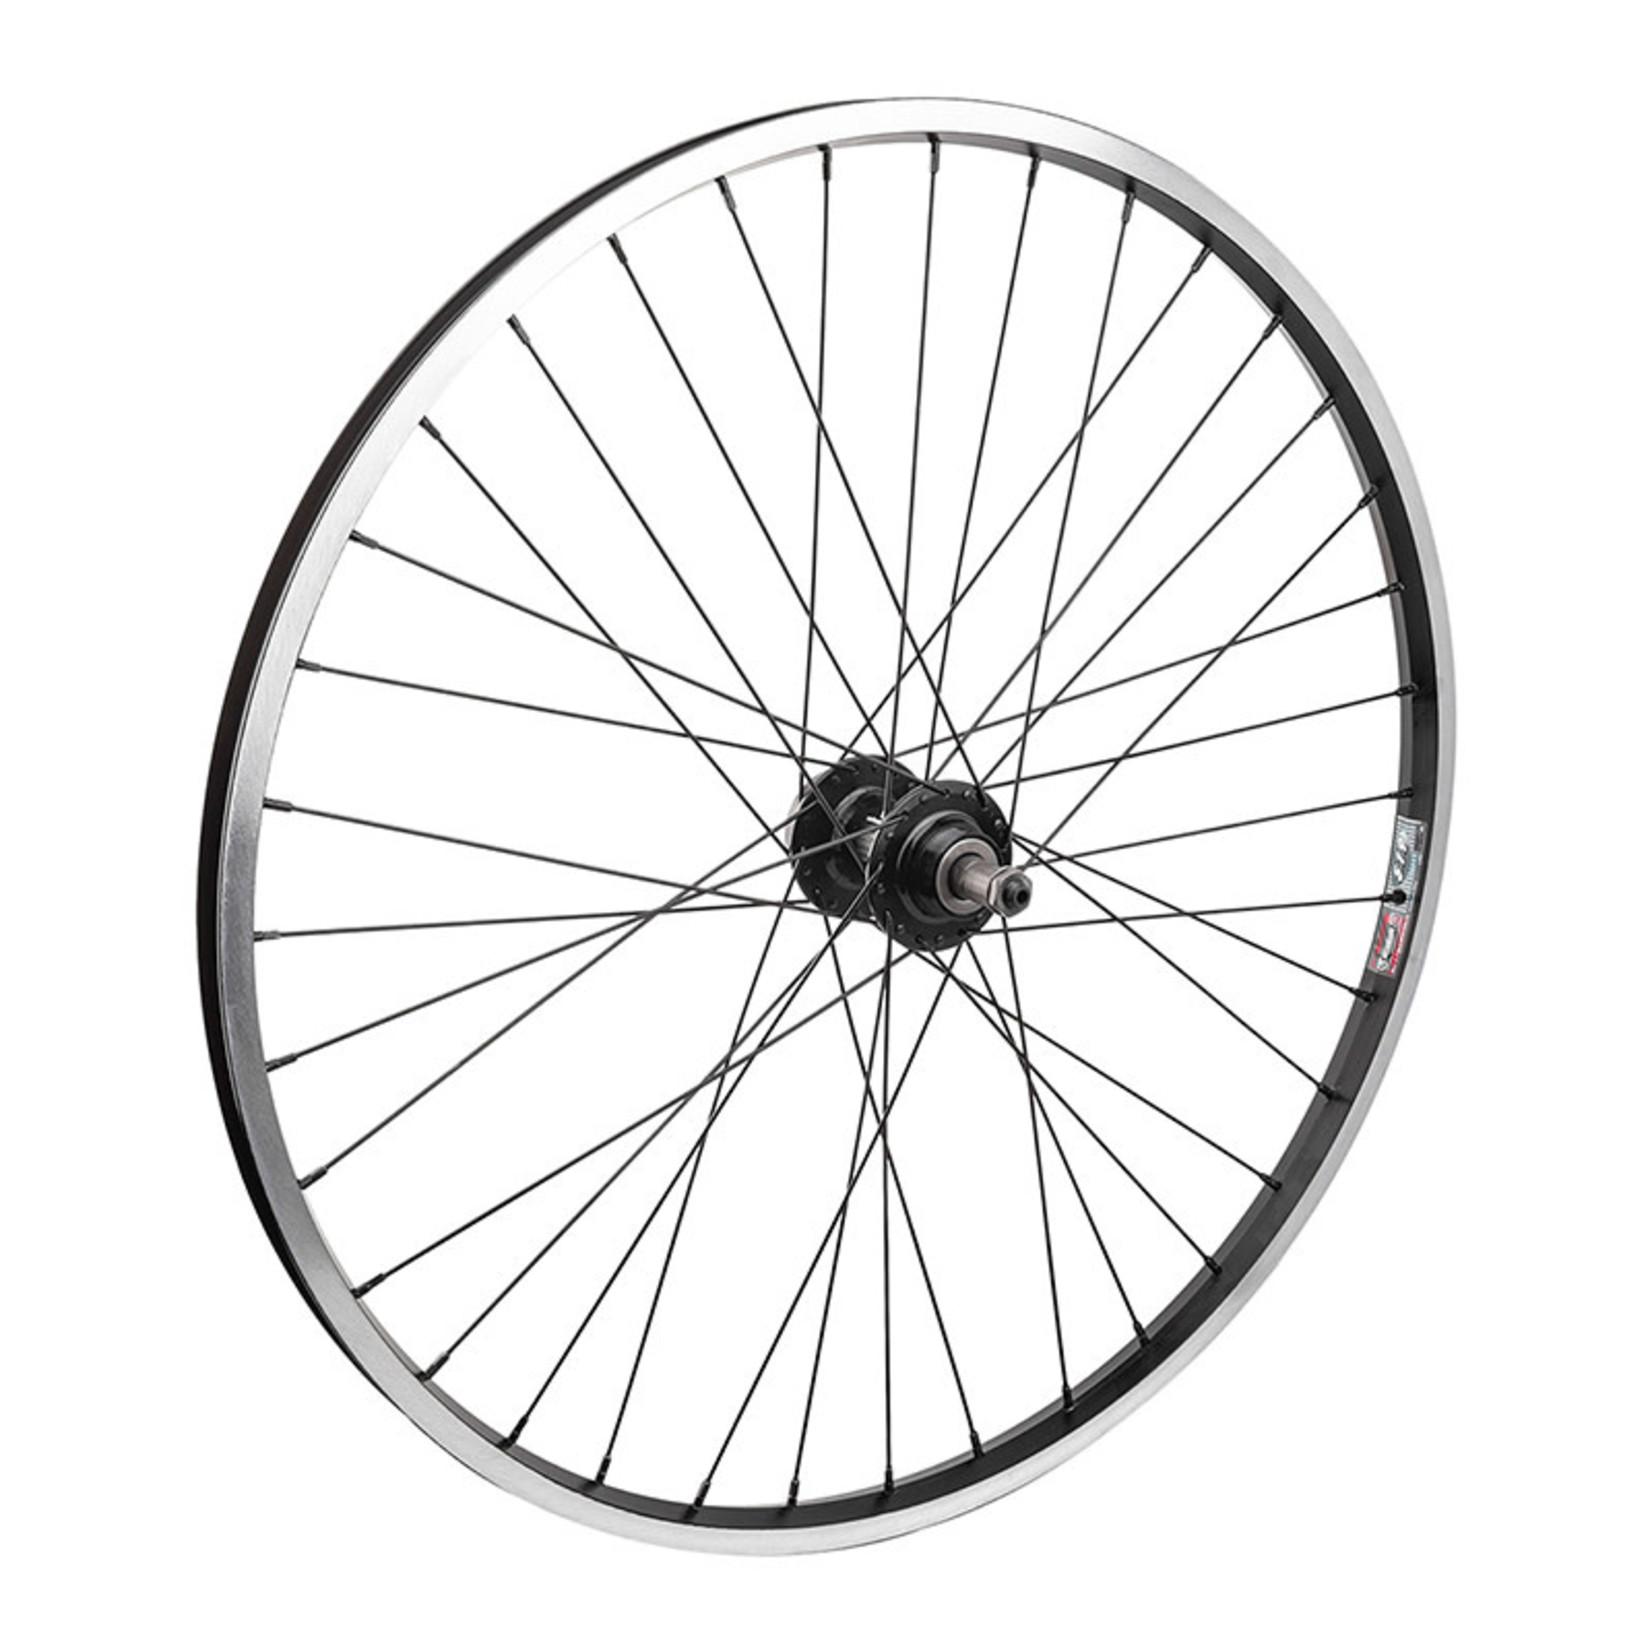 """26"""" Rear Wheel Alloy Mountain Disc Single Wall FW QR 135mm 14g Black w/MSW"""